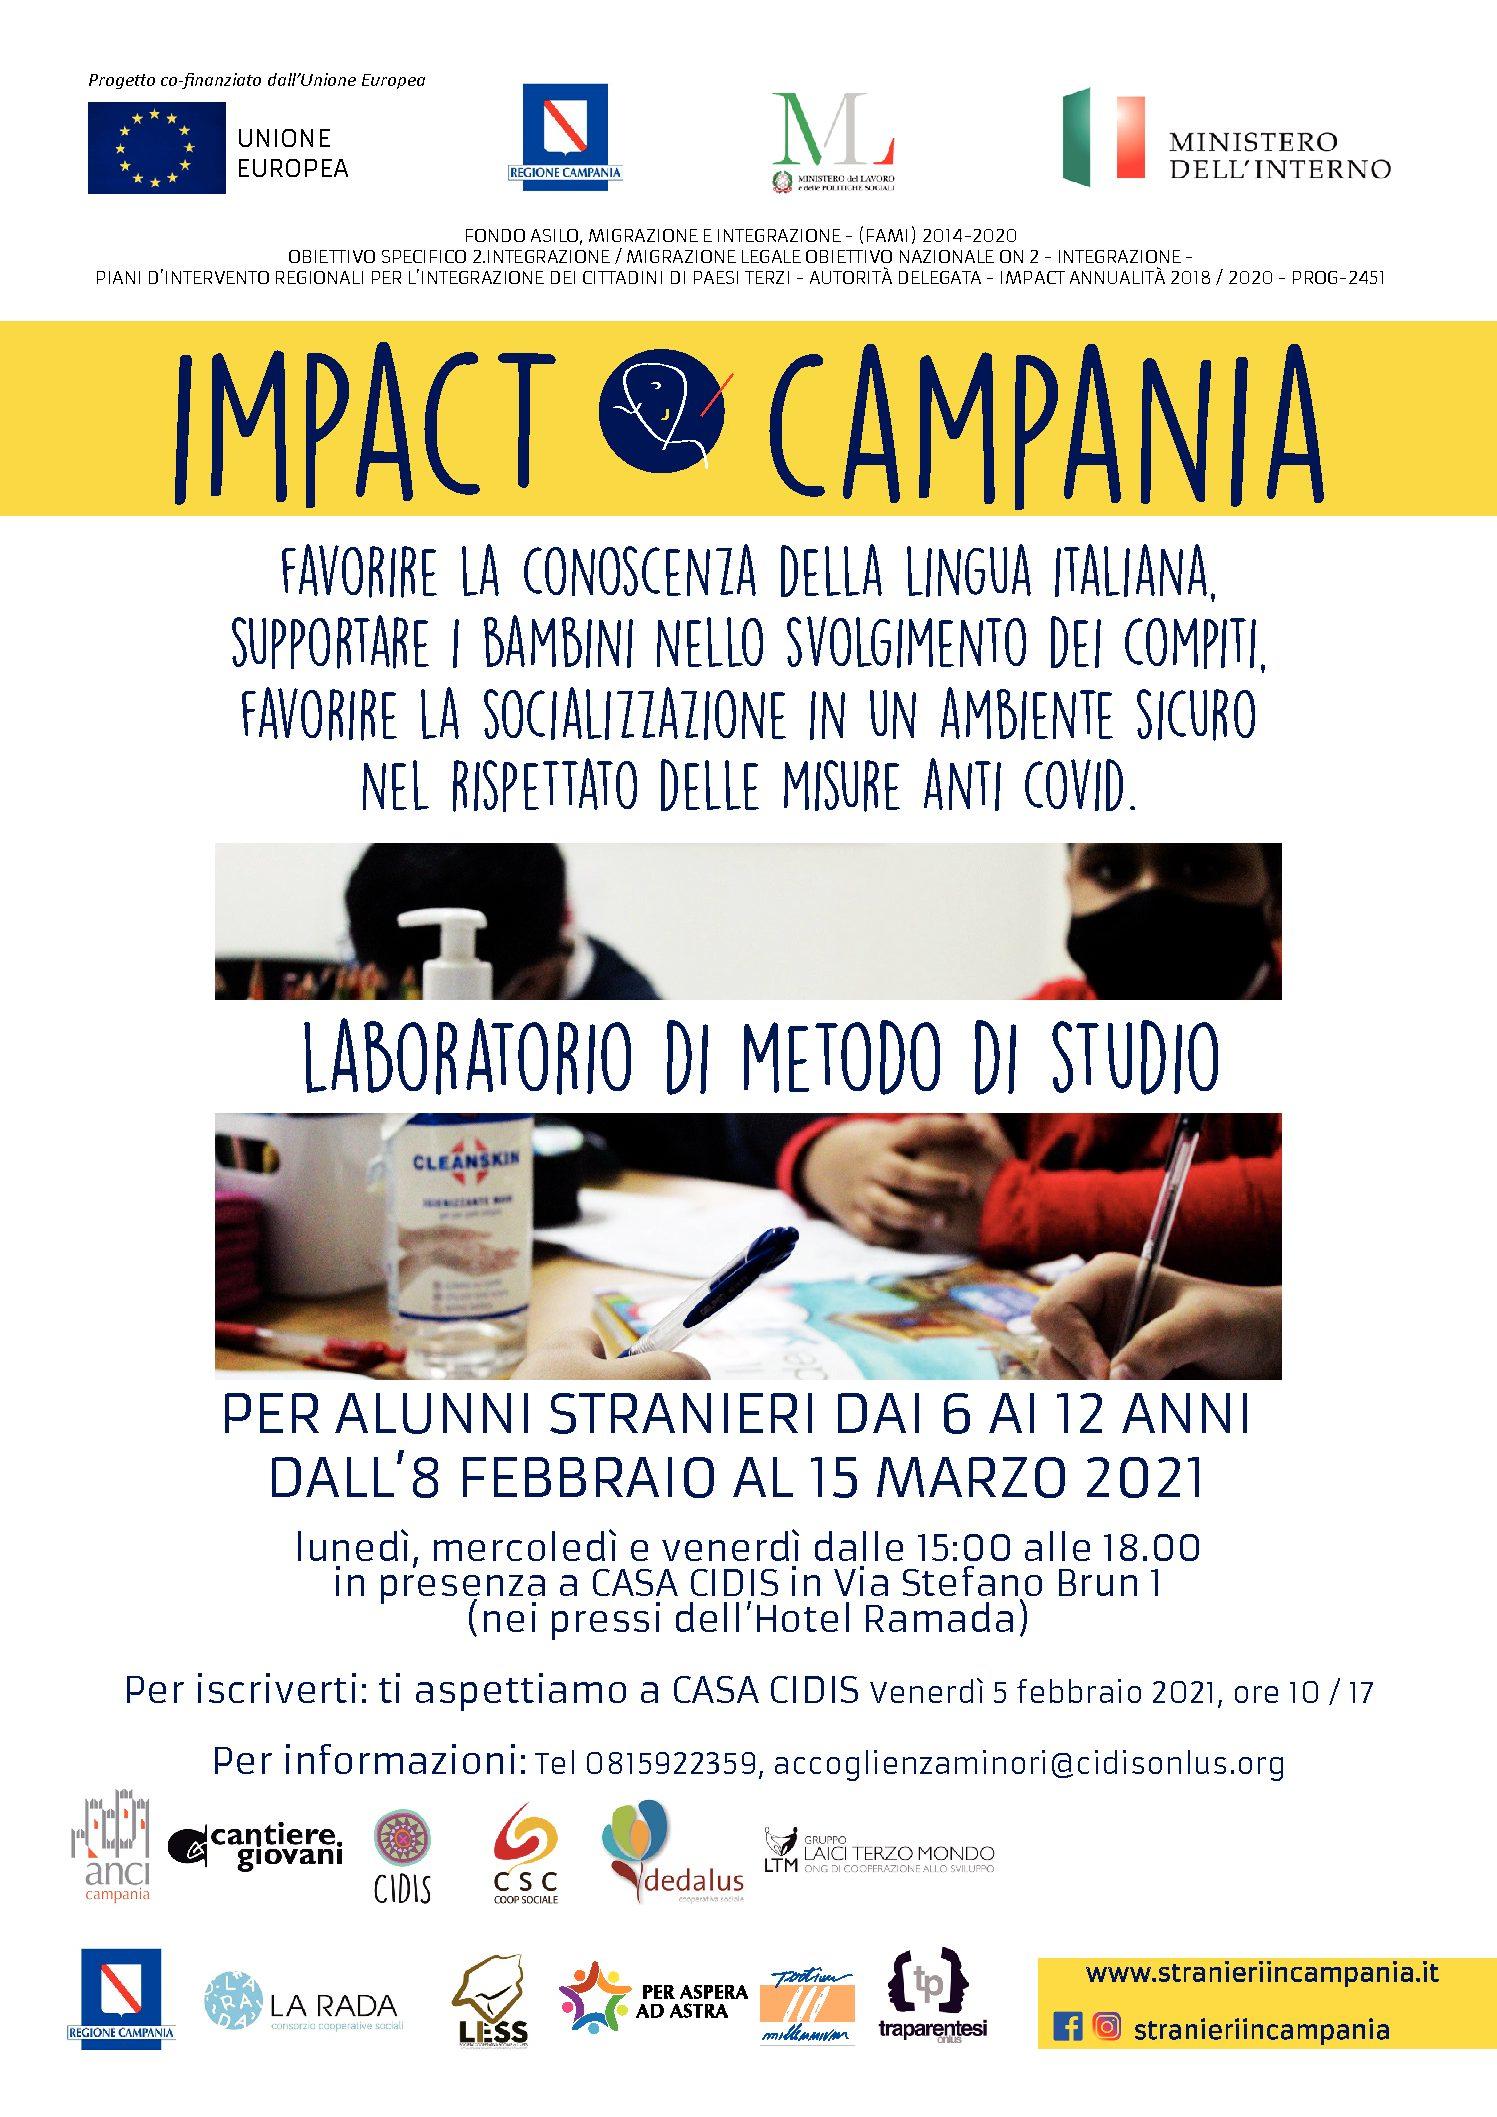 Da lunedì 8 febbraio: Corso di Metodo di Studio a Casa Cidis